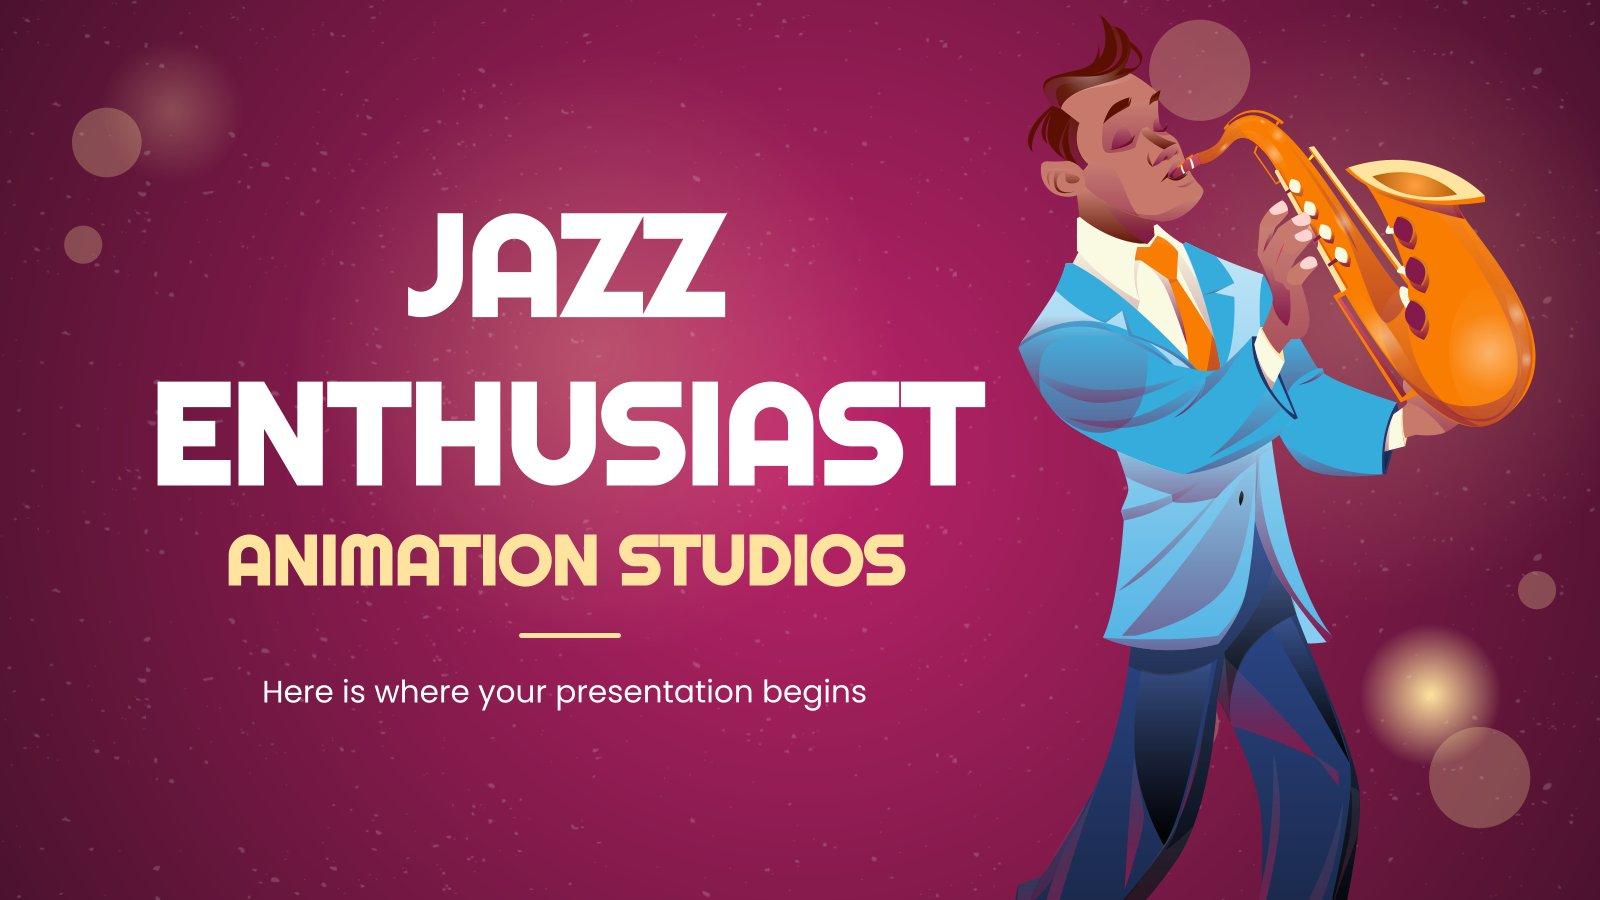 Animation Studios Jazz Enthusiast MK Minitheme presentation template